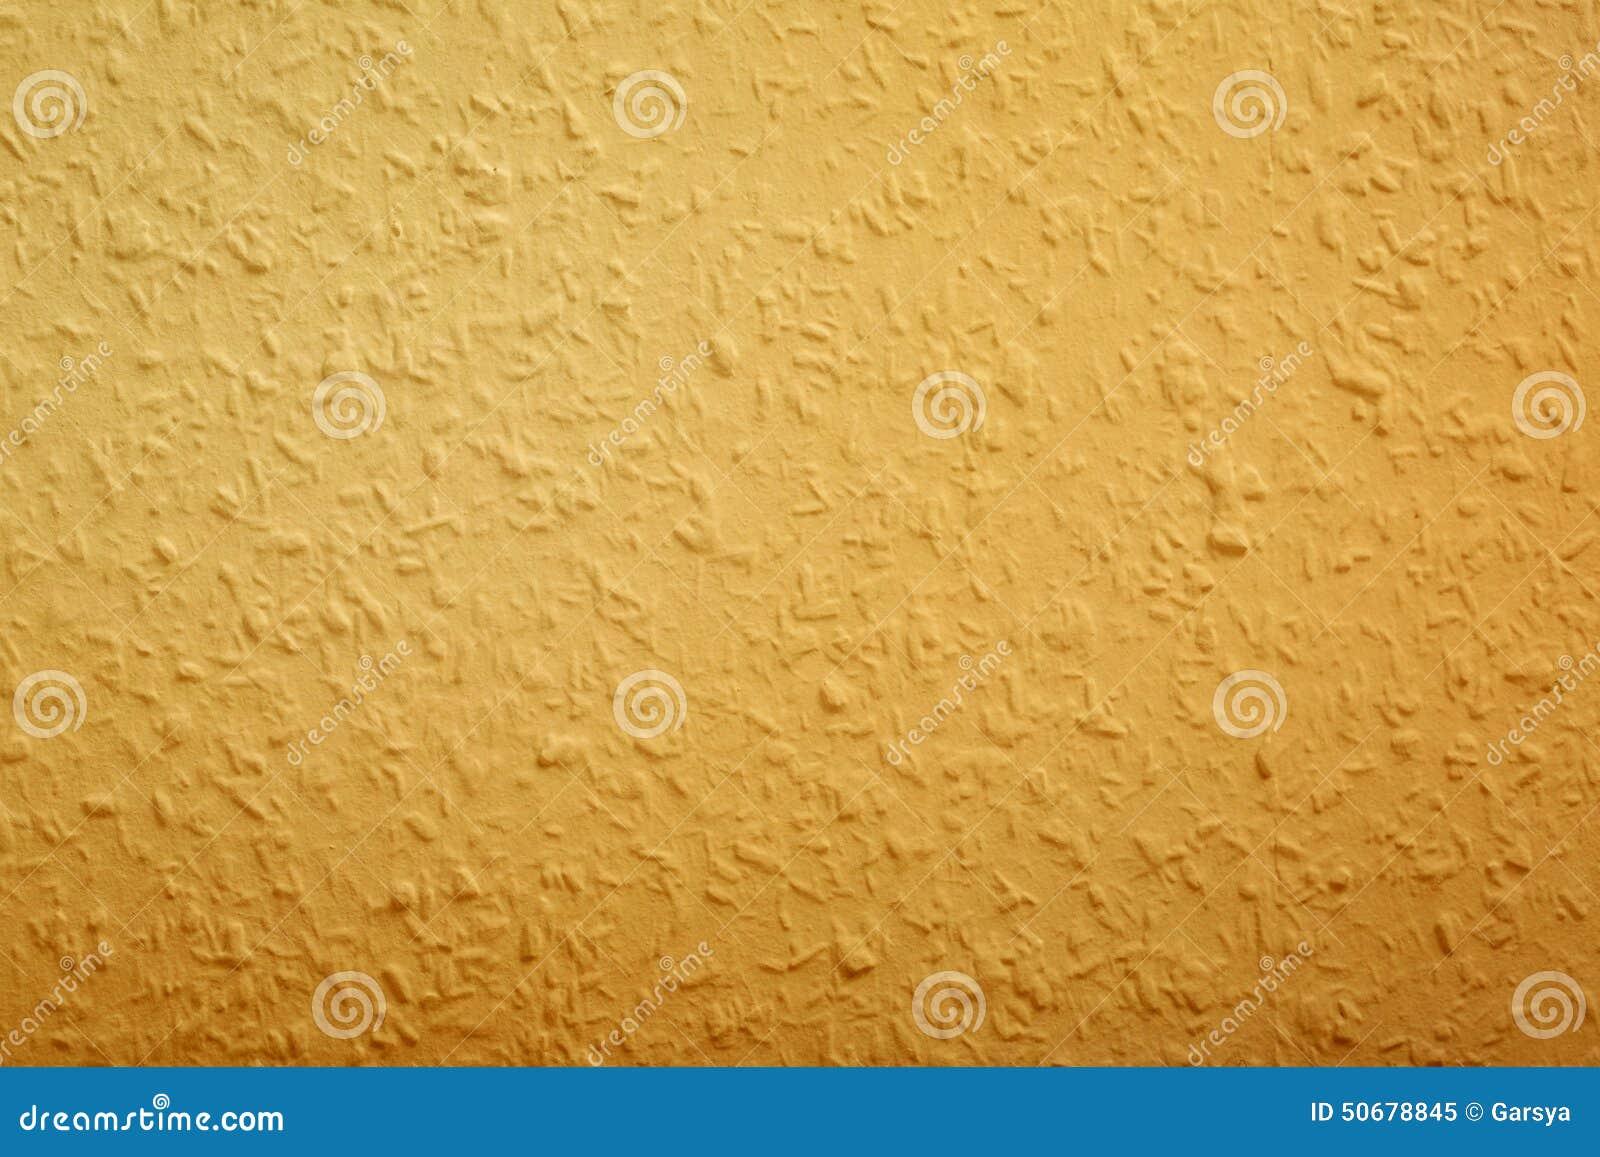 Download 米黄墙壁背景 库存图片. 图片 包括有 谷物, 背包, 油漆, 材料, 织地不很细, 墙纸, 靠山, 抽象 - 50678845